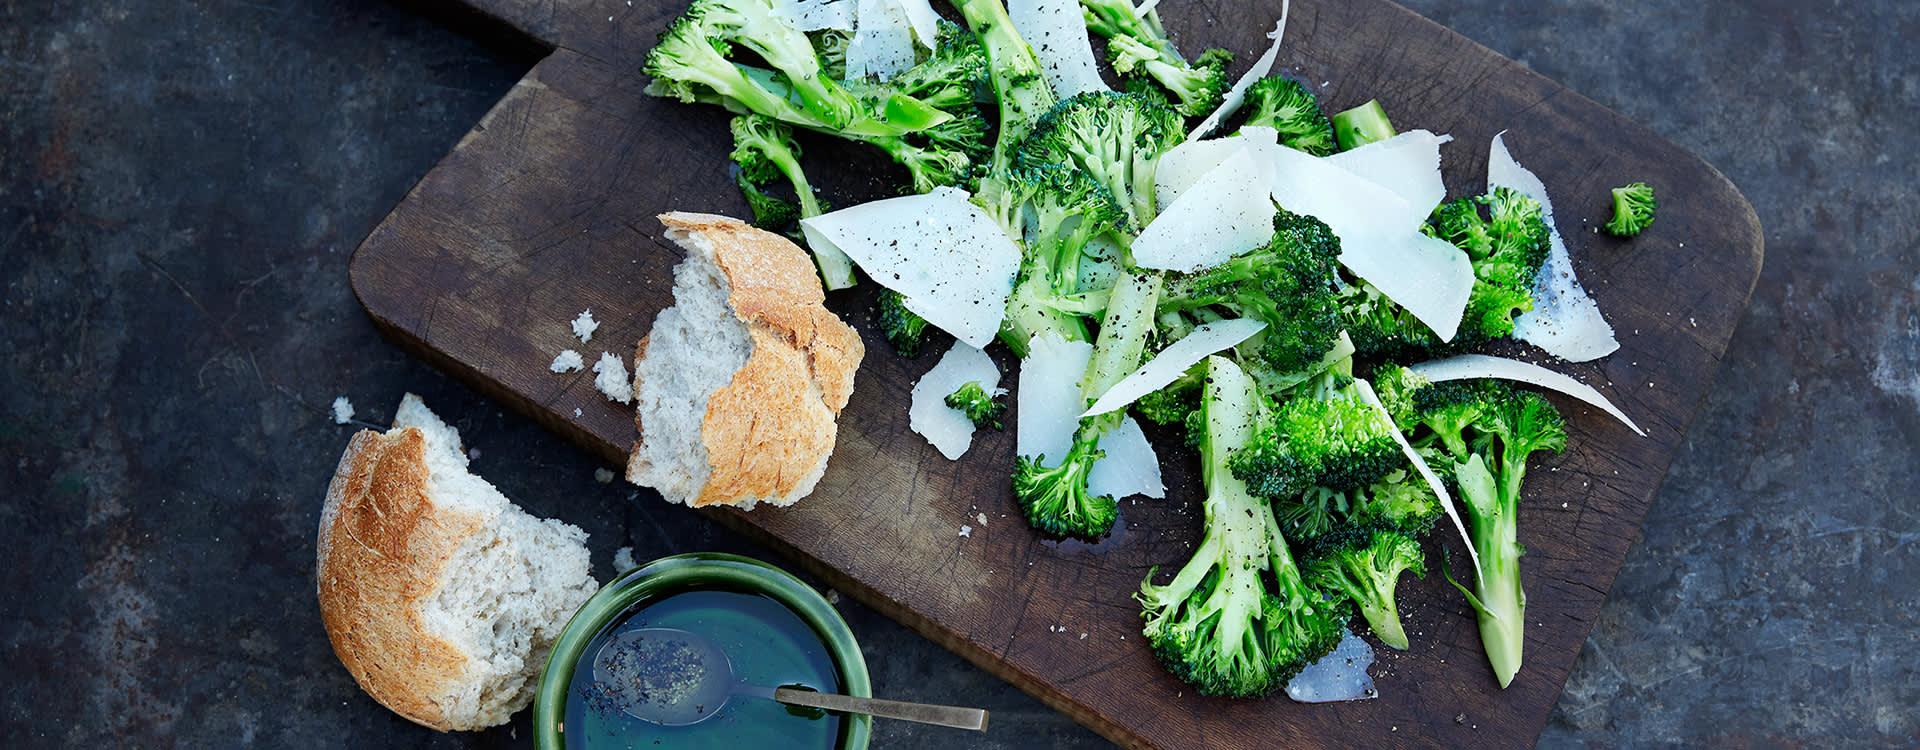 Rått er godt! Brokkoli med parmesan og pepper er godt til lunsj, gjerne sammen med et kokt egg.